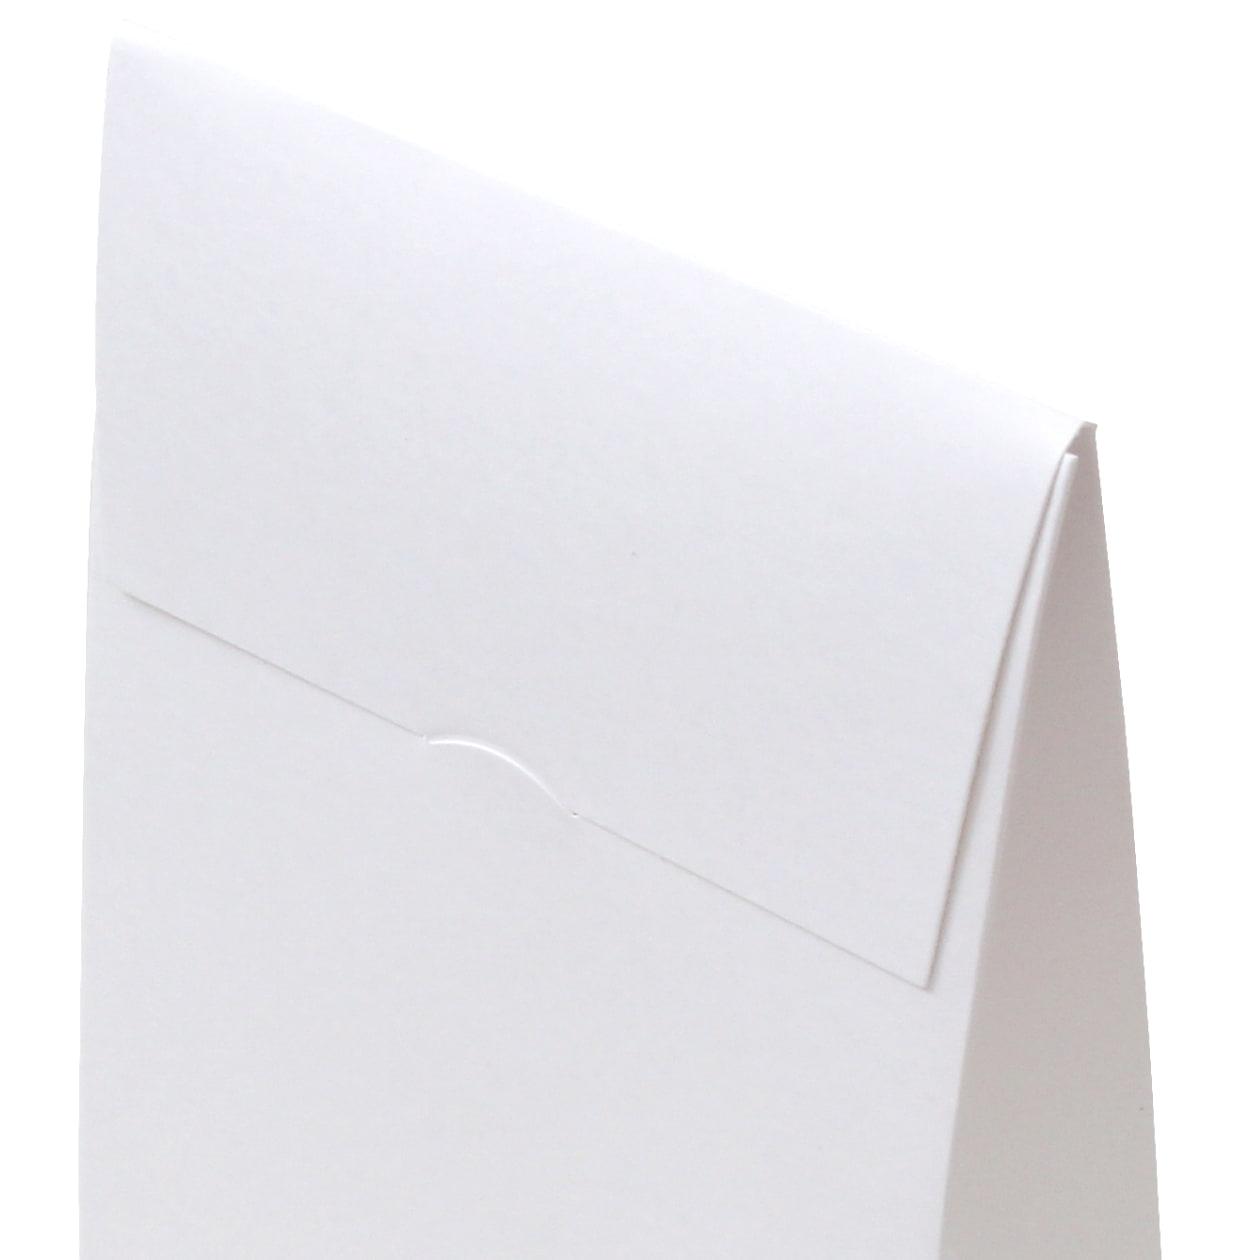 角底箱ロック式120×180×50 クラウド 261.6g